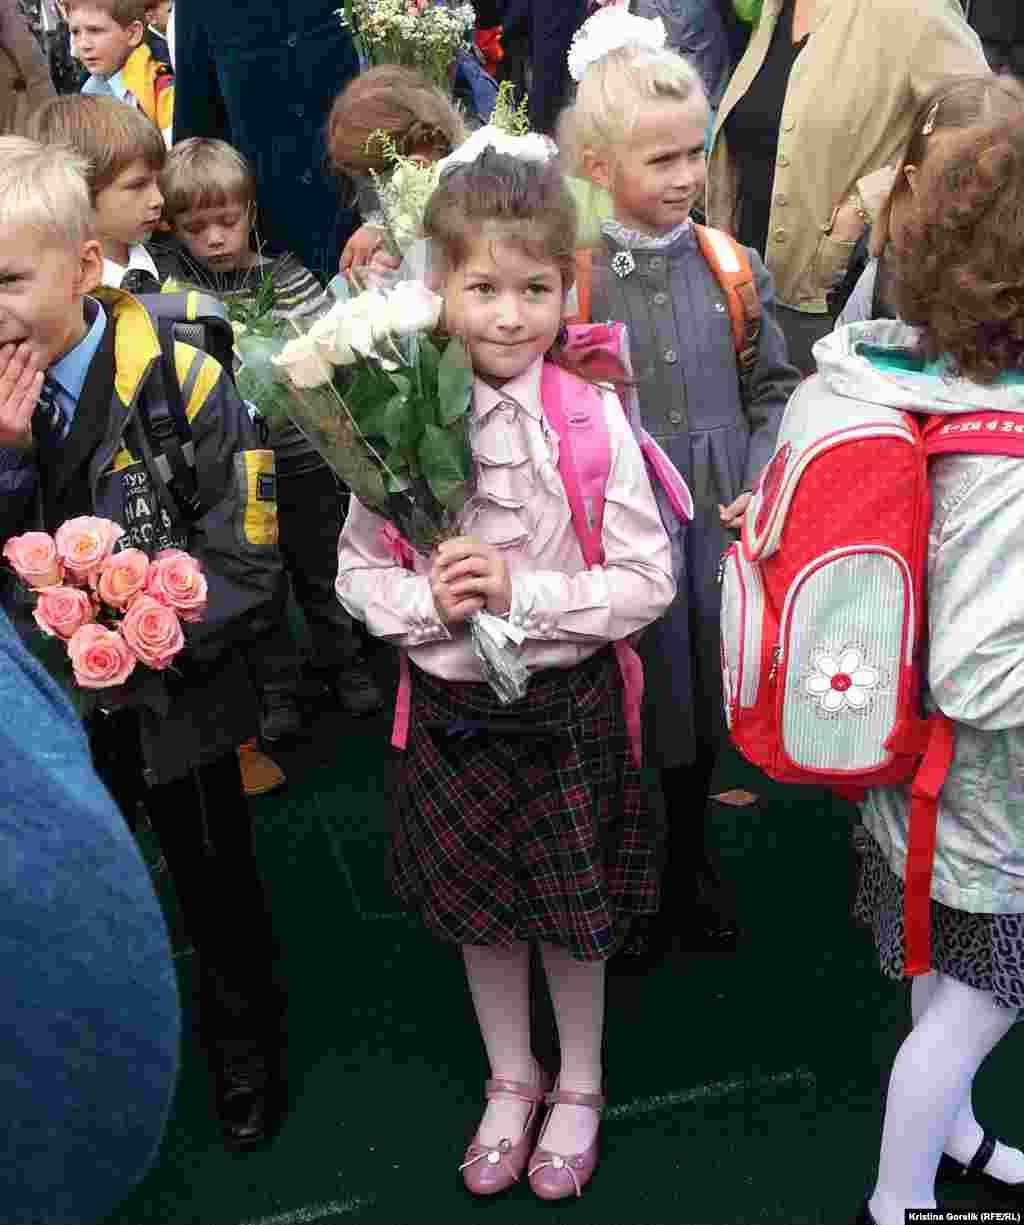 Юбки у девочек, галстуки у мальчиков - модная тенденция этого года в школах Москвы